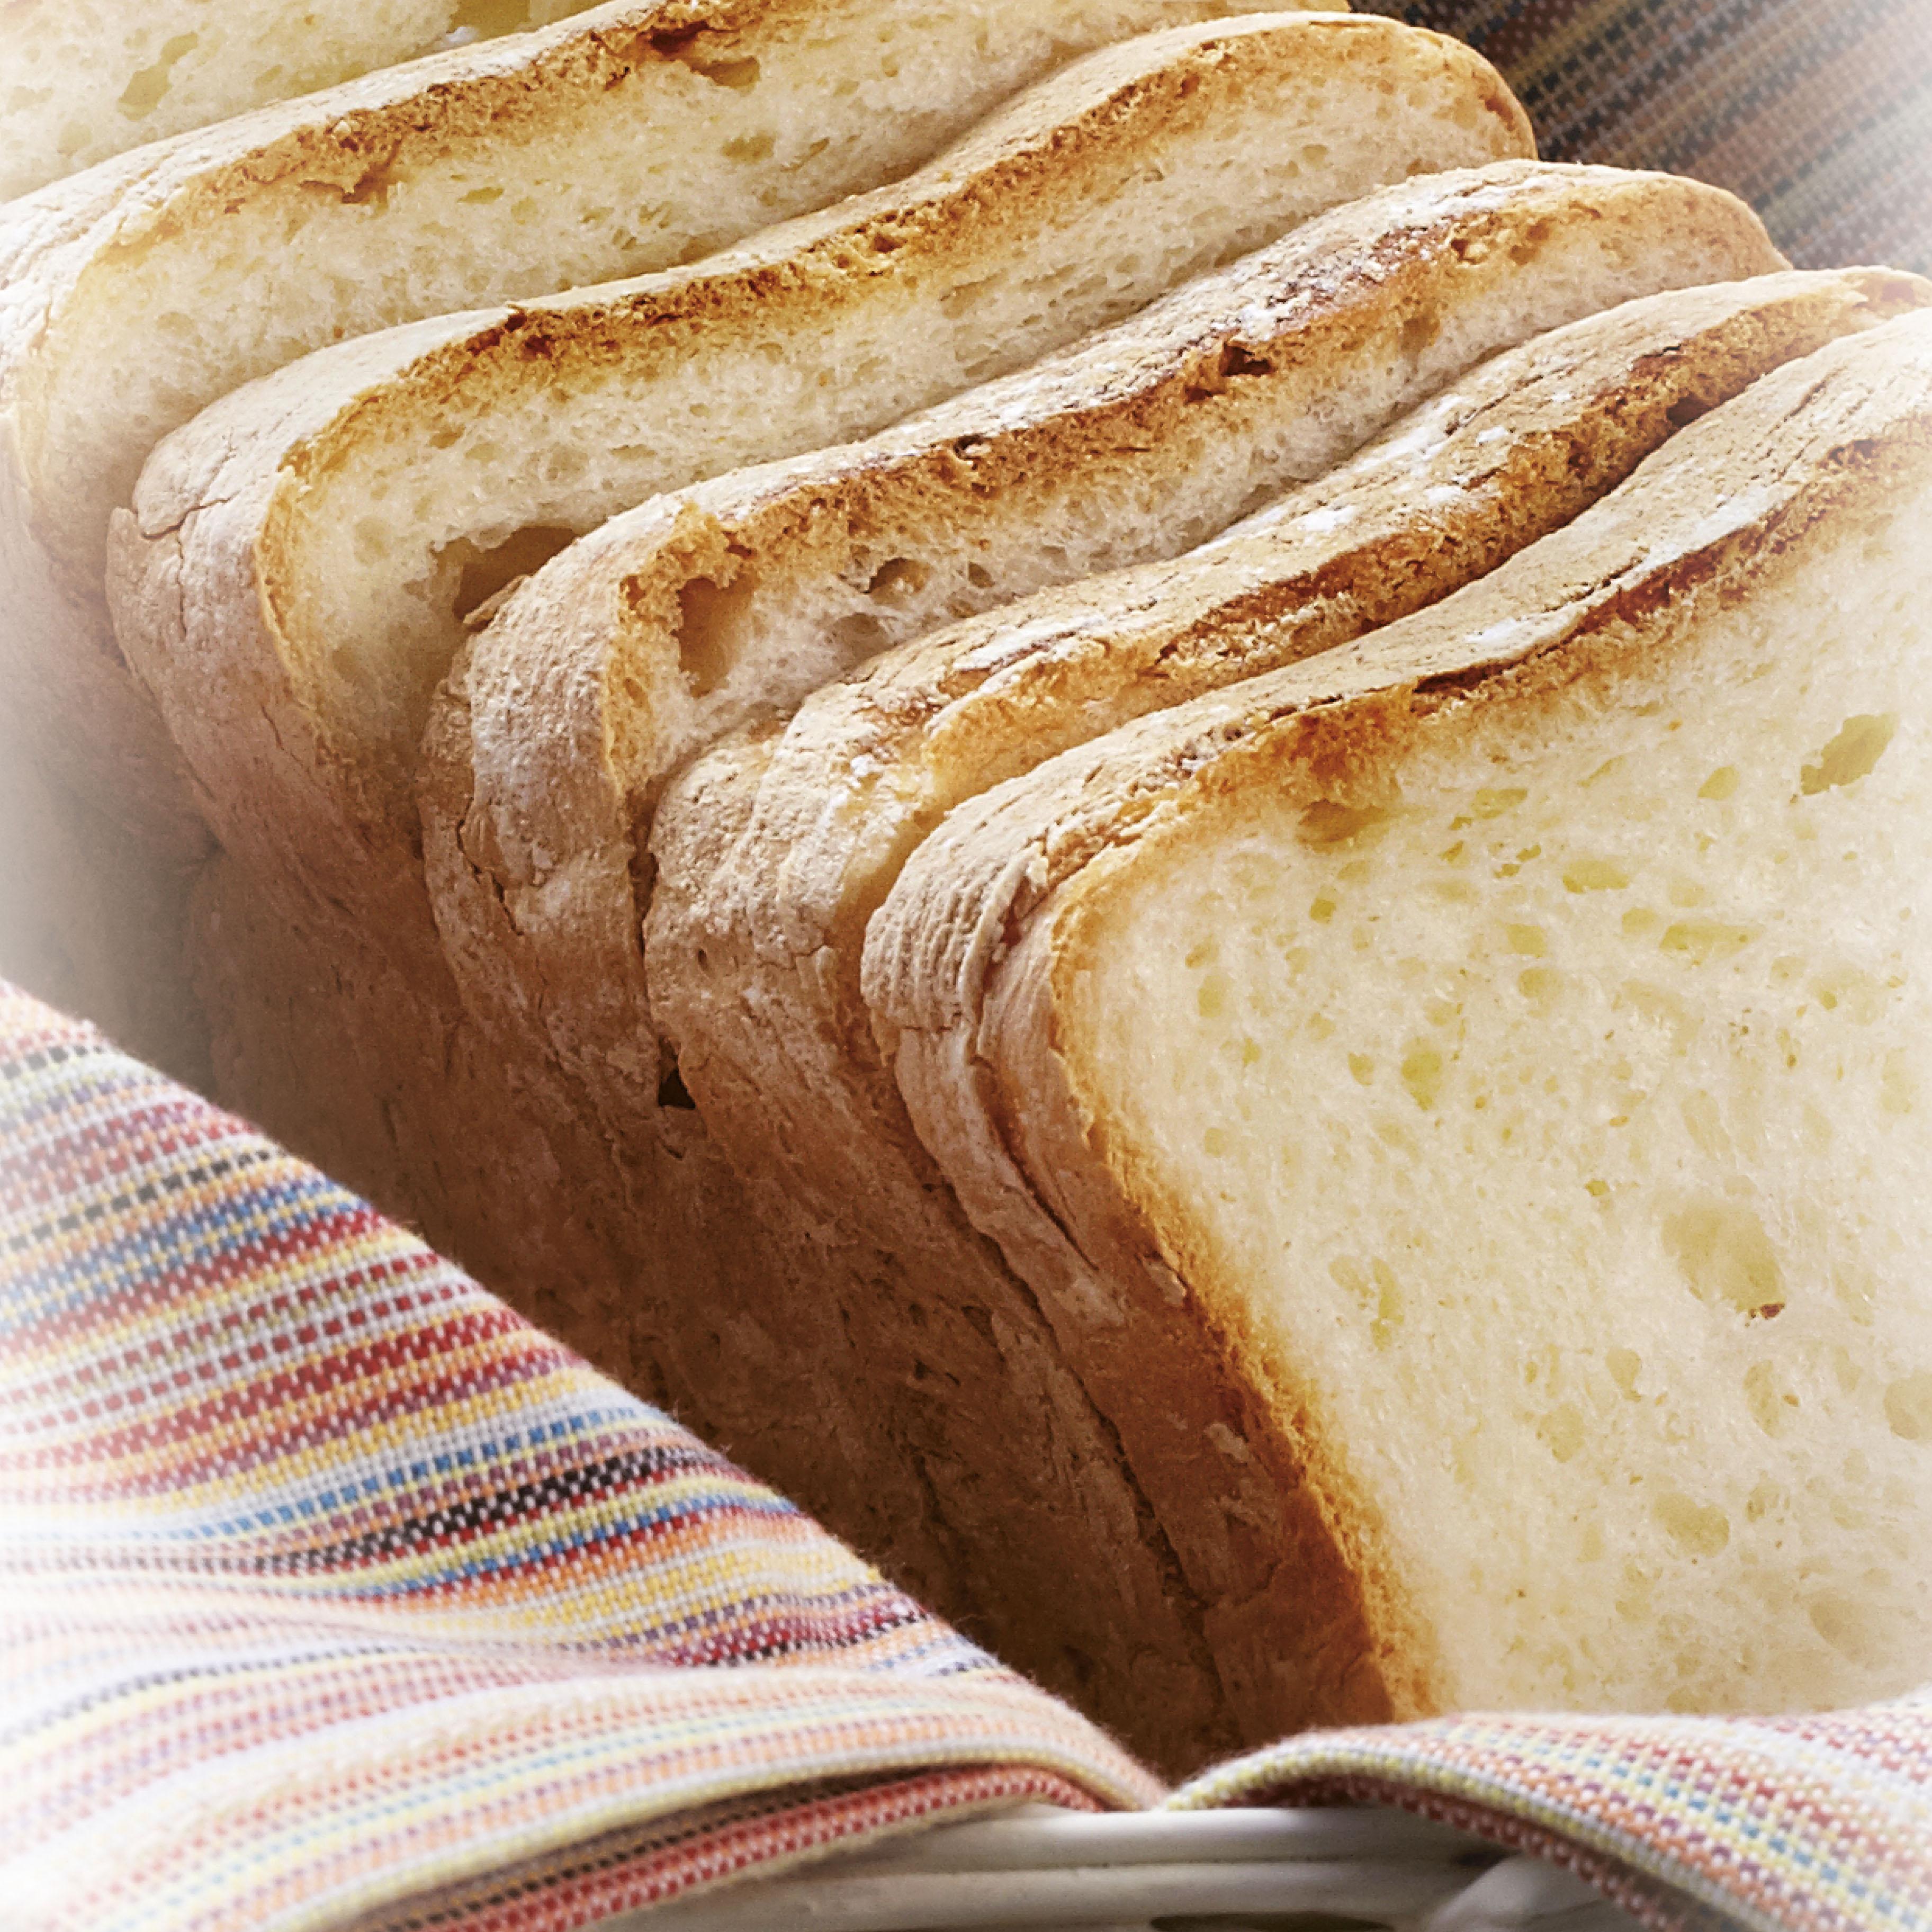 Pan de molde clasico sin gluten de Proceli